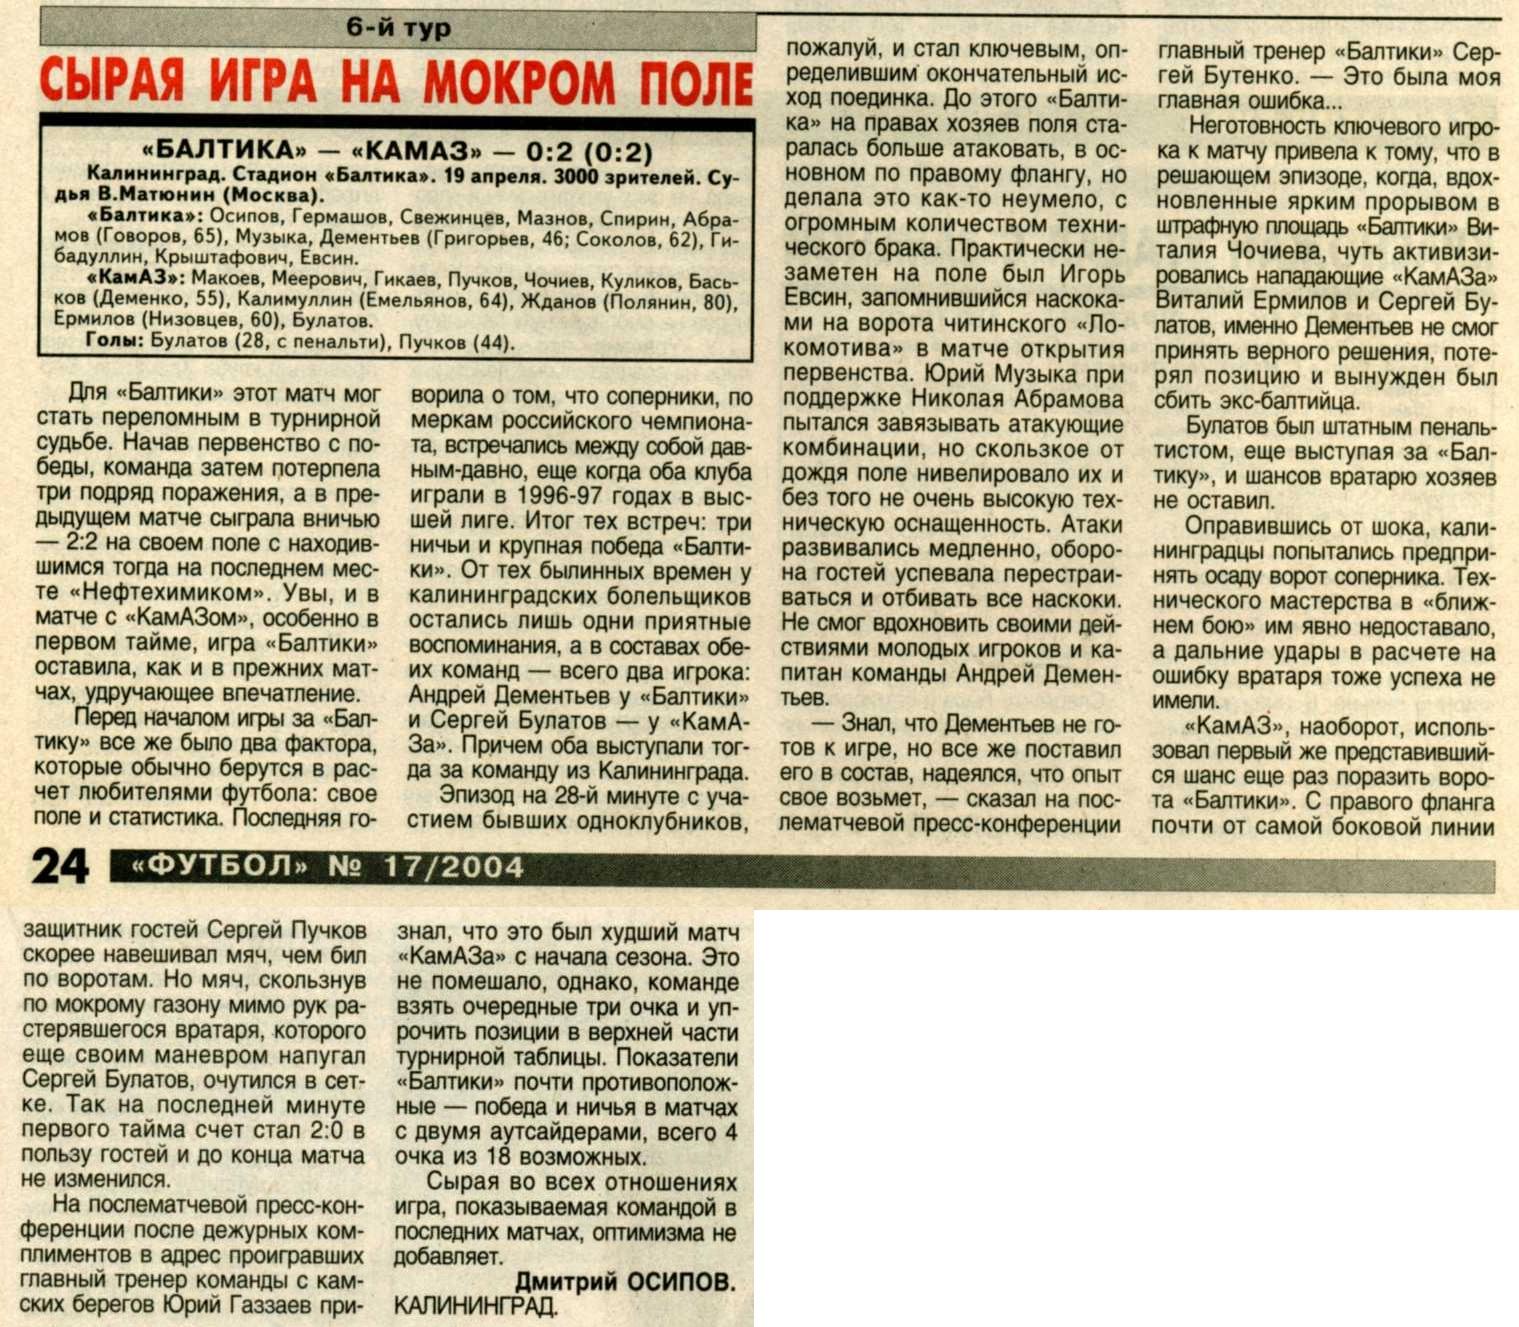 Балтика (Калининград) - КамАЗ (Набережные Челны) 0:2. Нажмите, чтобы посмотреть истинный размер рисунка